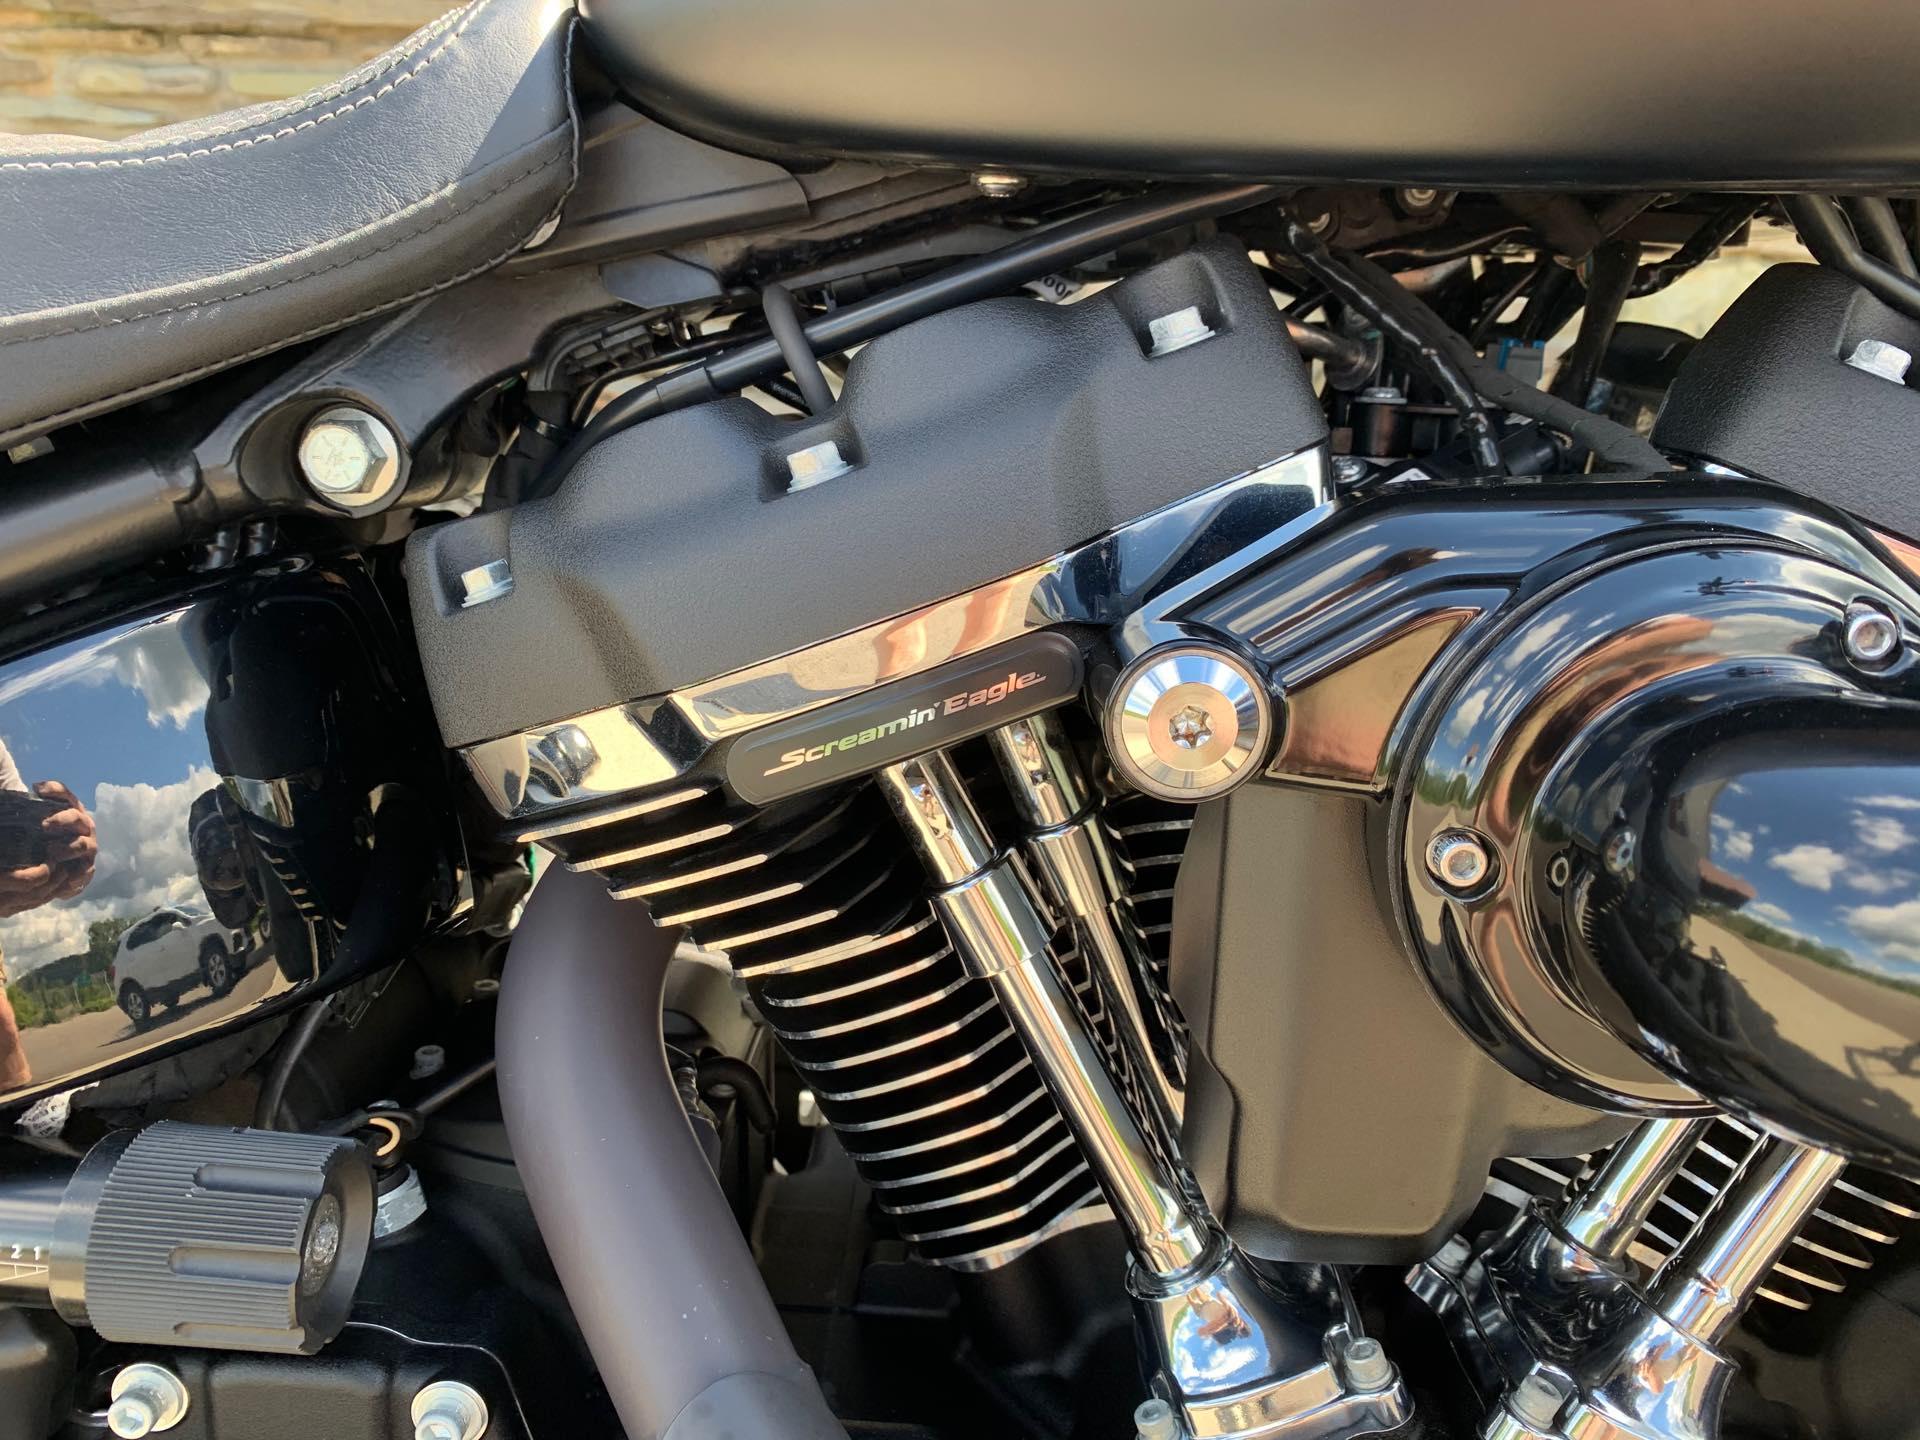 2018 Harley-Davidson Softail Fat Bob 114 at Arkport Cycles